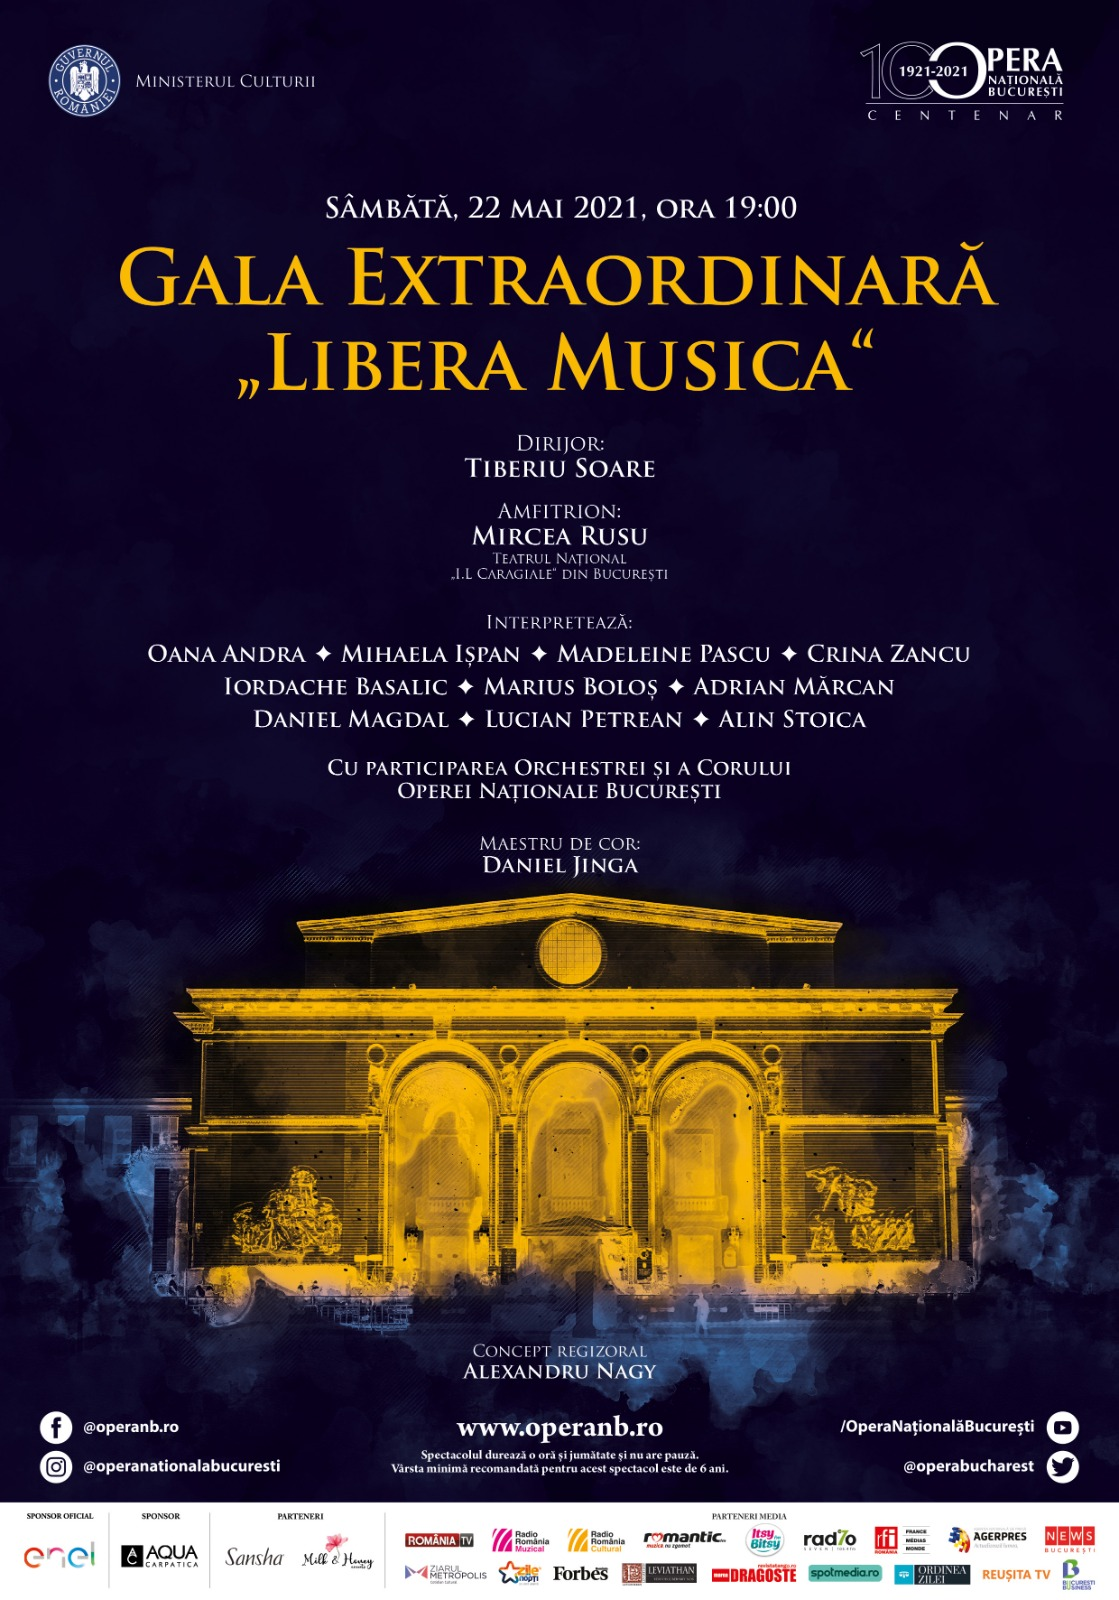 """Gala Extraordinară """"Libera Musica"""", eveniment pilot cu public pe esplanada din fața Operei Naționale București"""